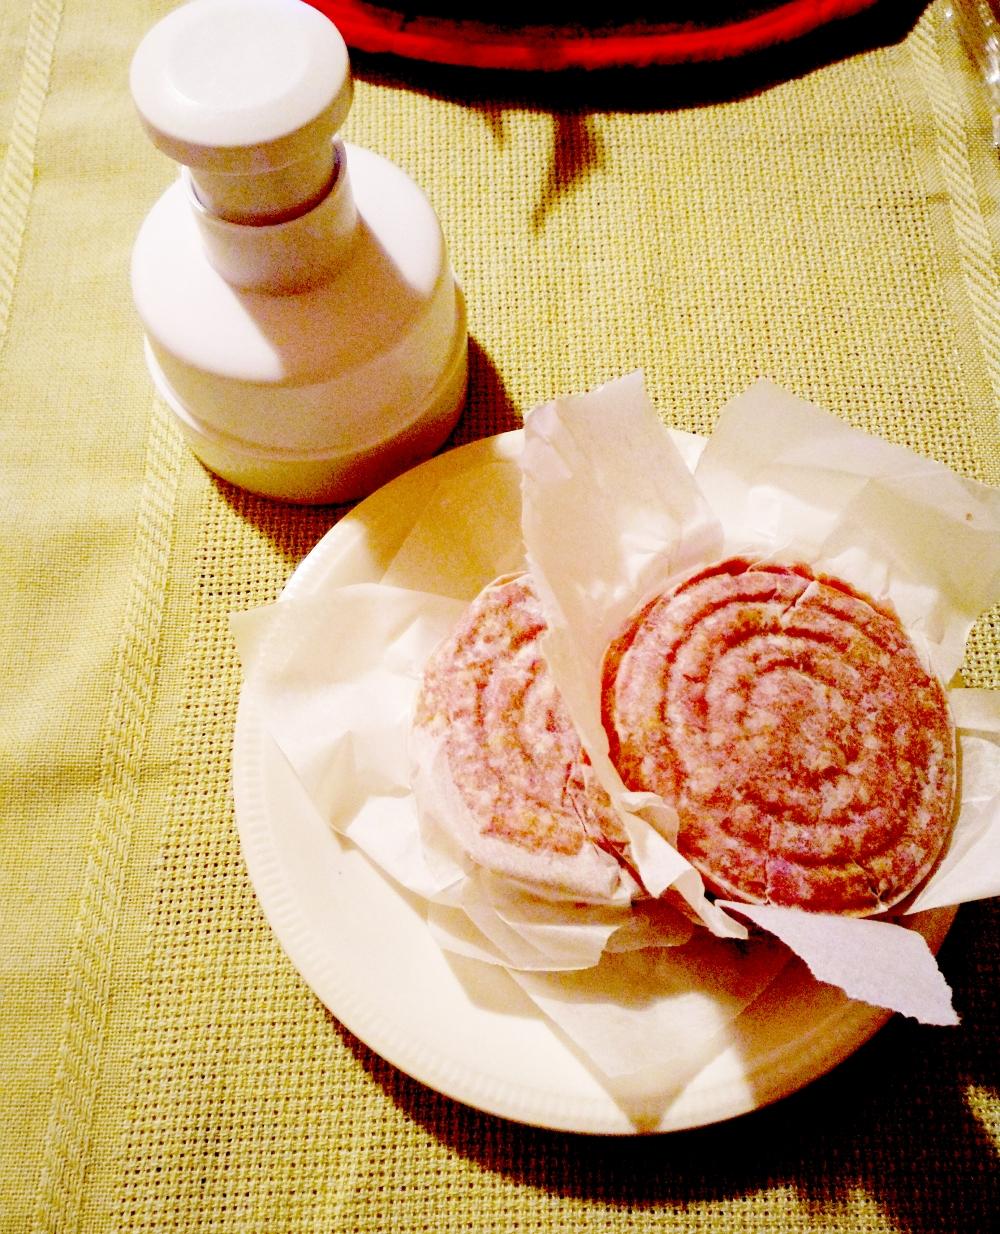 stampoHamburger_gusciduovo.jpg